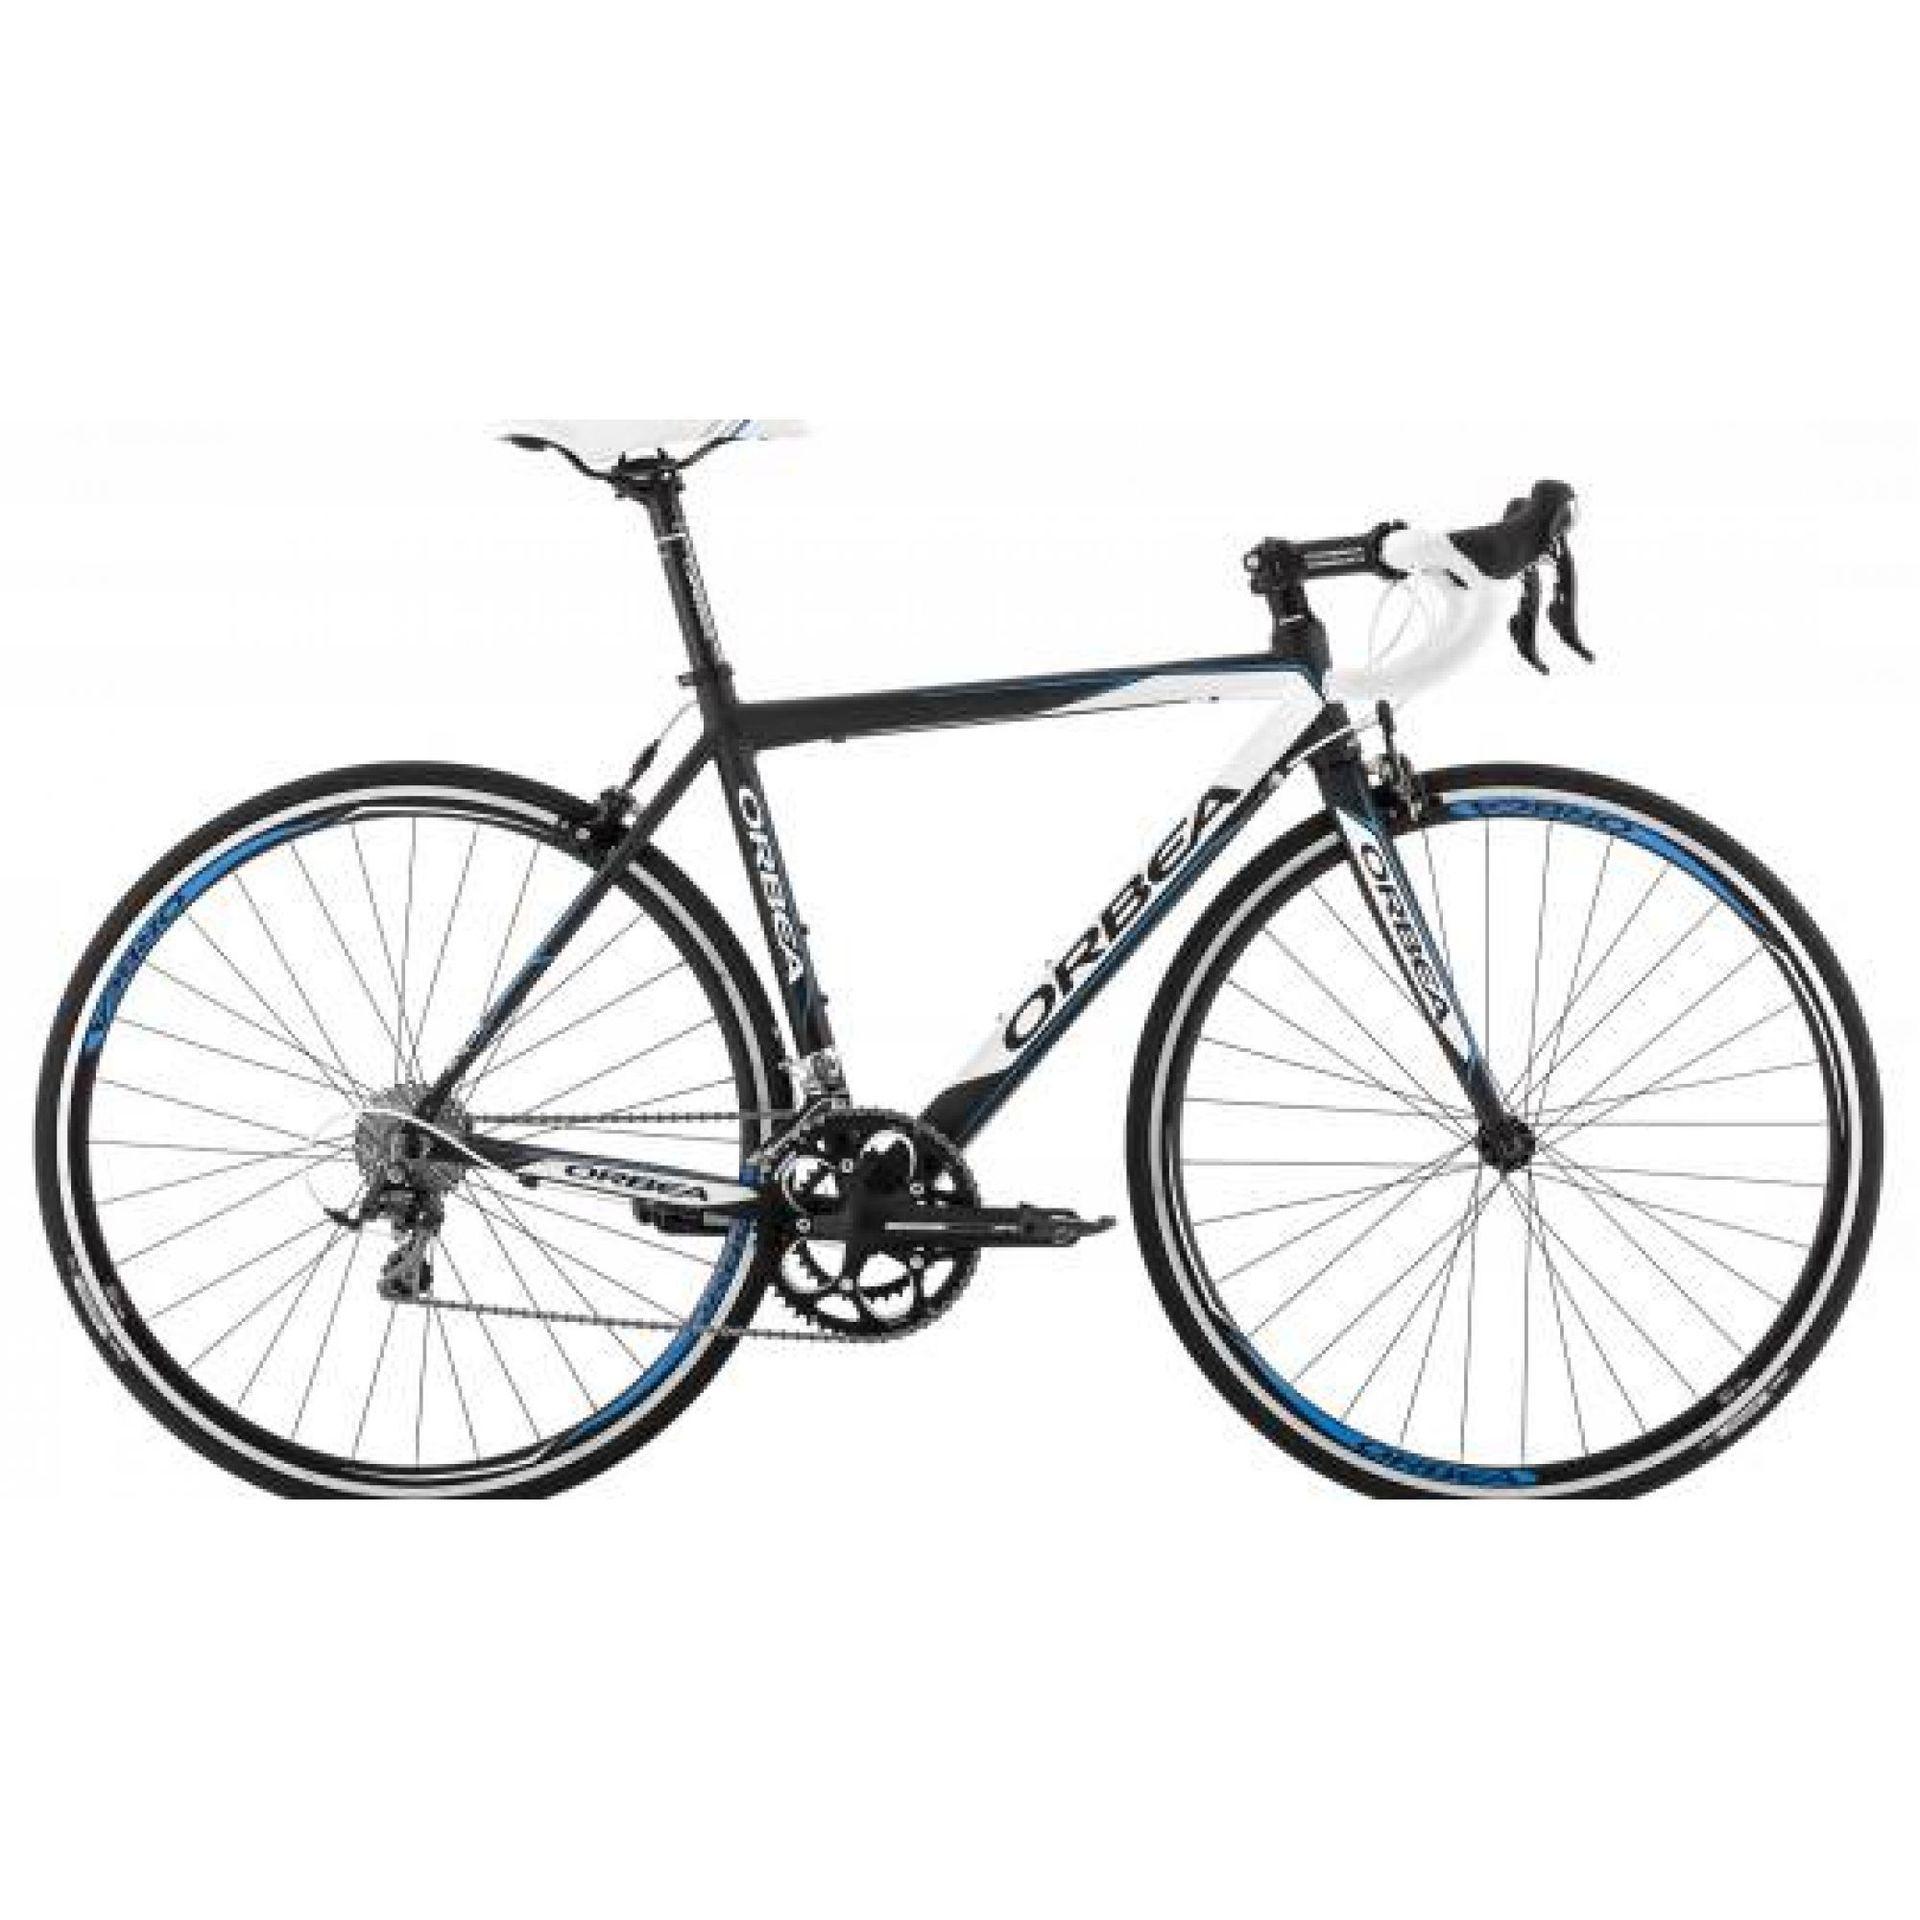 Rower Orbea Aqua 50 niebieski czarny